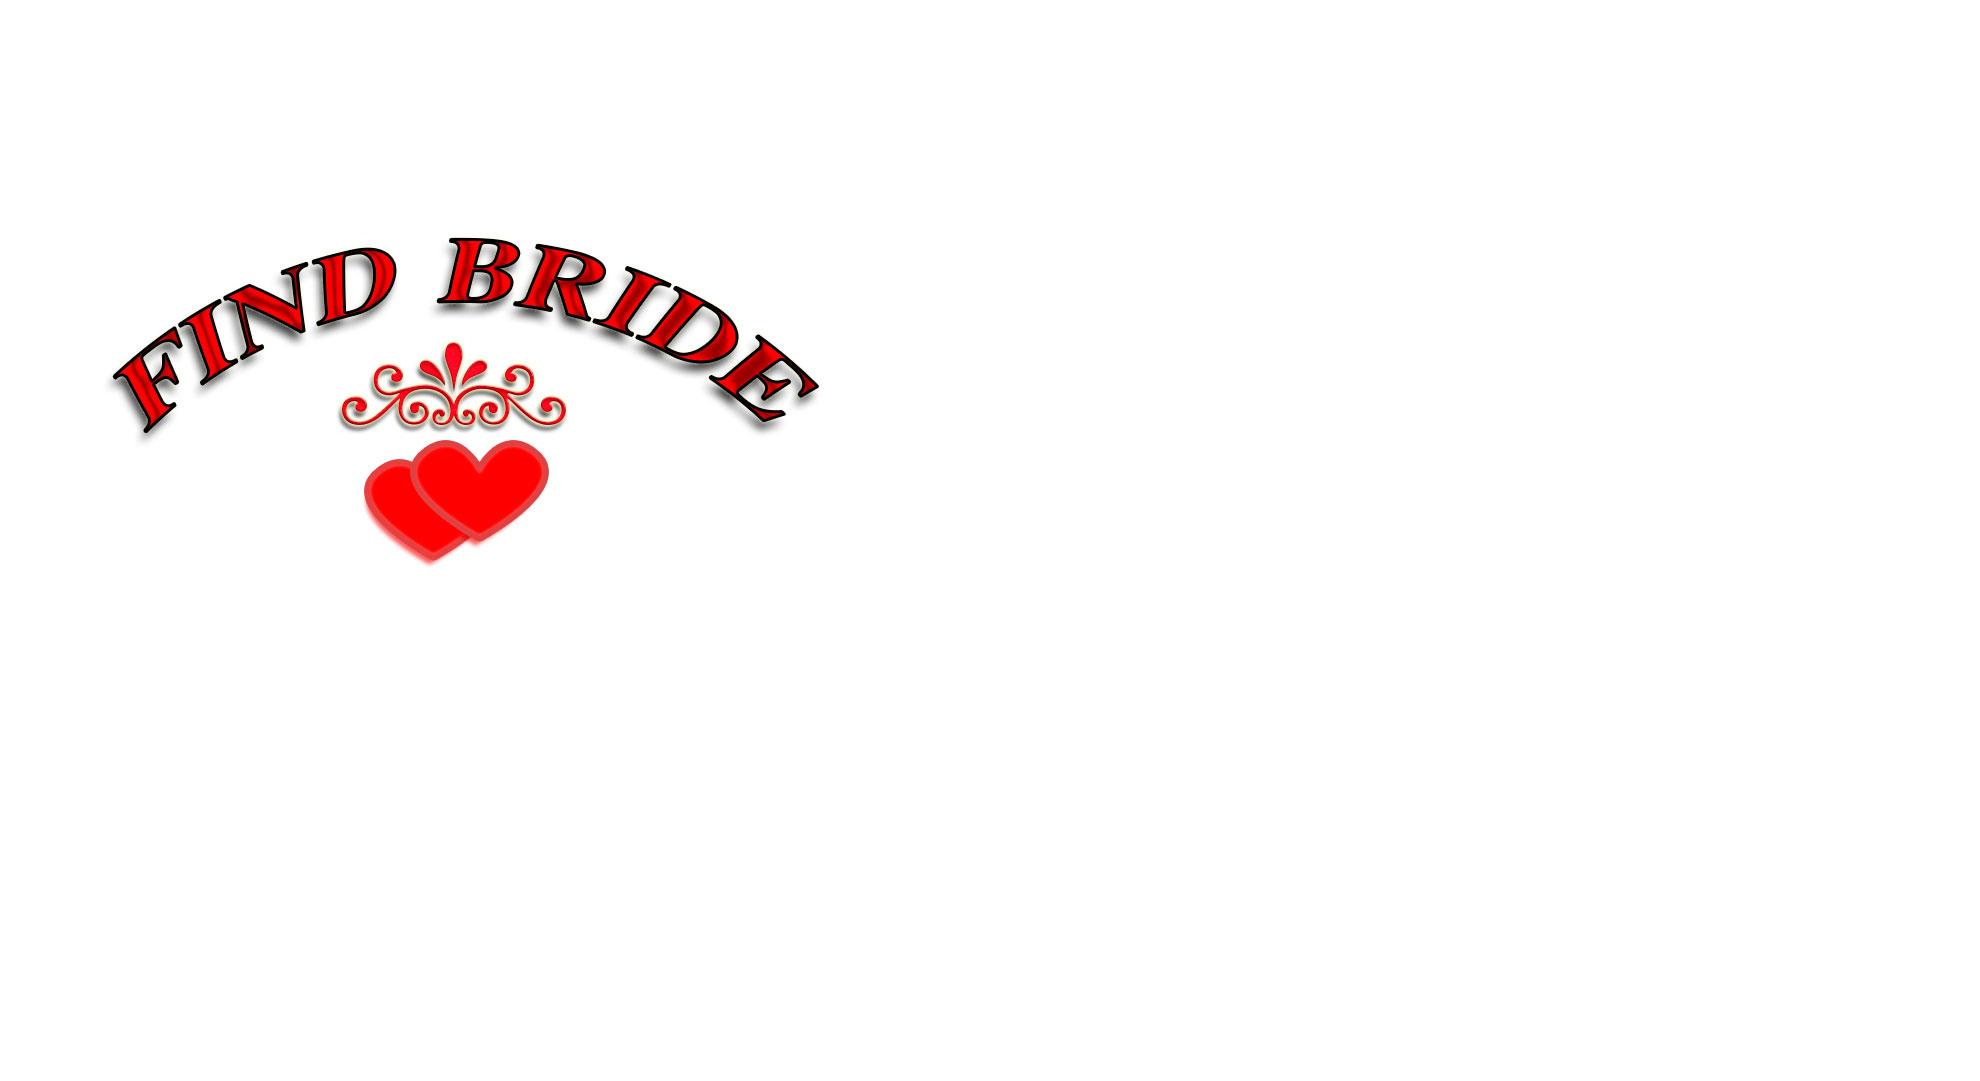 Нарисовать логотип сайта знакомств фото f_3885ad22b9de09f0.jpg